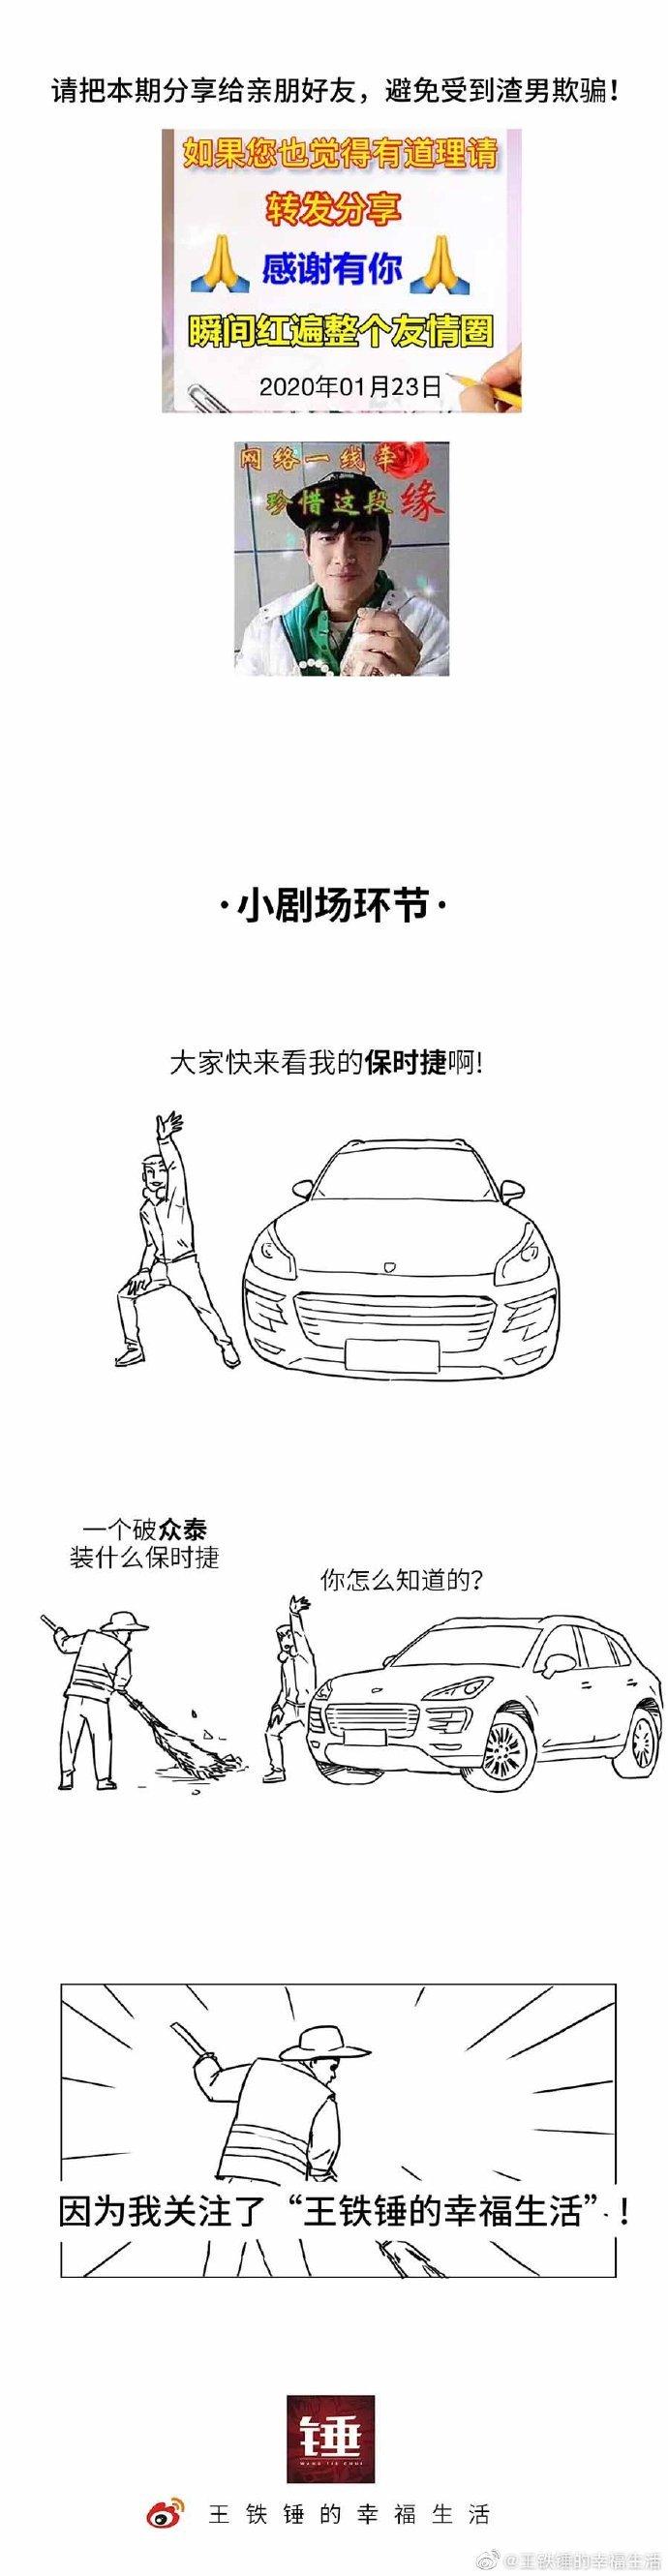 春节防装逼必备:假豪车鉴定指南  liuliushe.net六六社 第8张